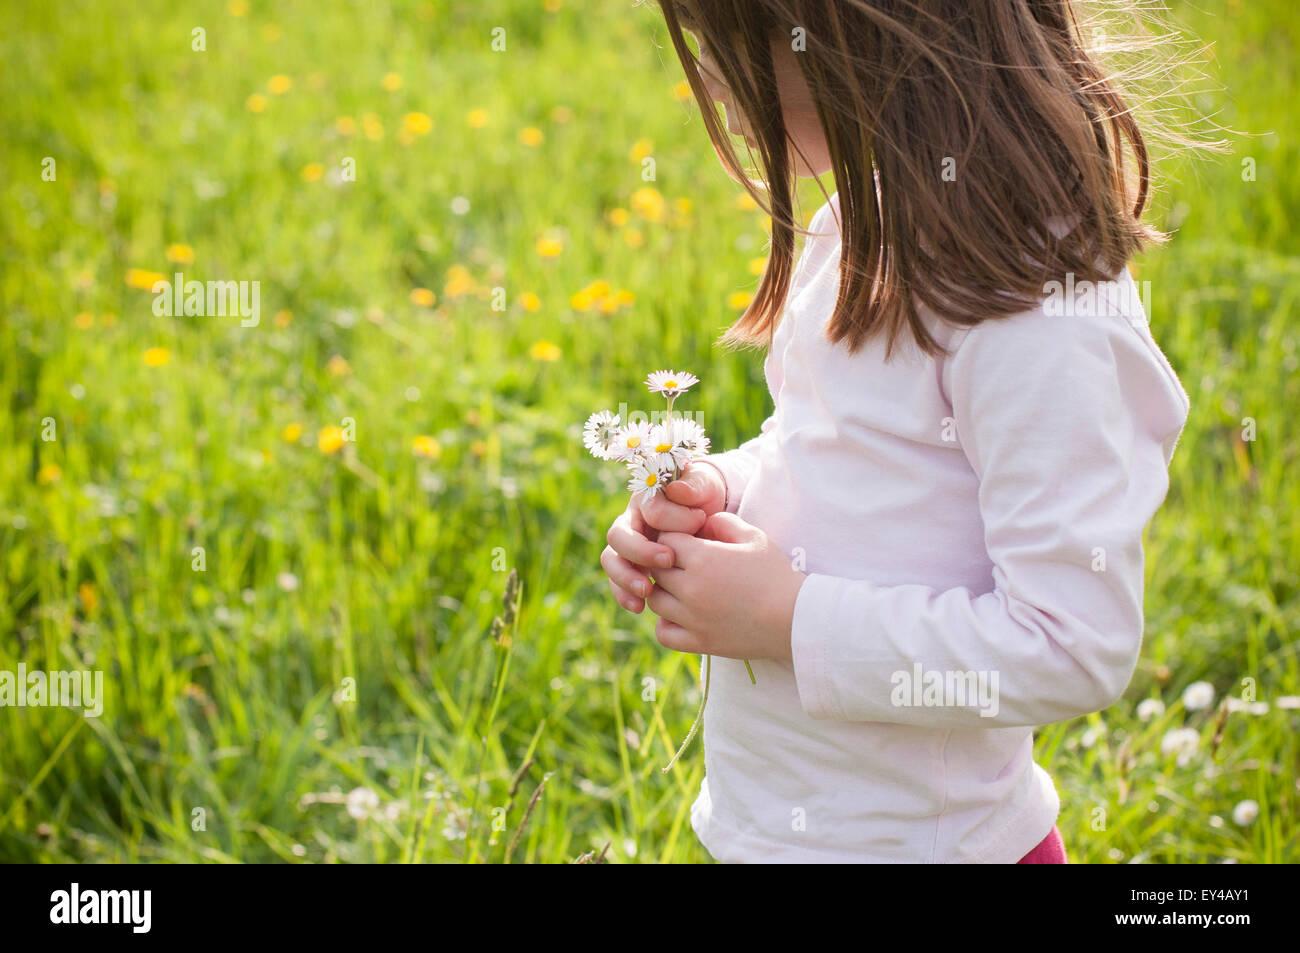 Junges Mädchen im Feld Blick auf Gänseblümchen in ihren Händen Stockbild